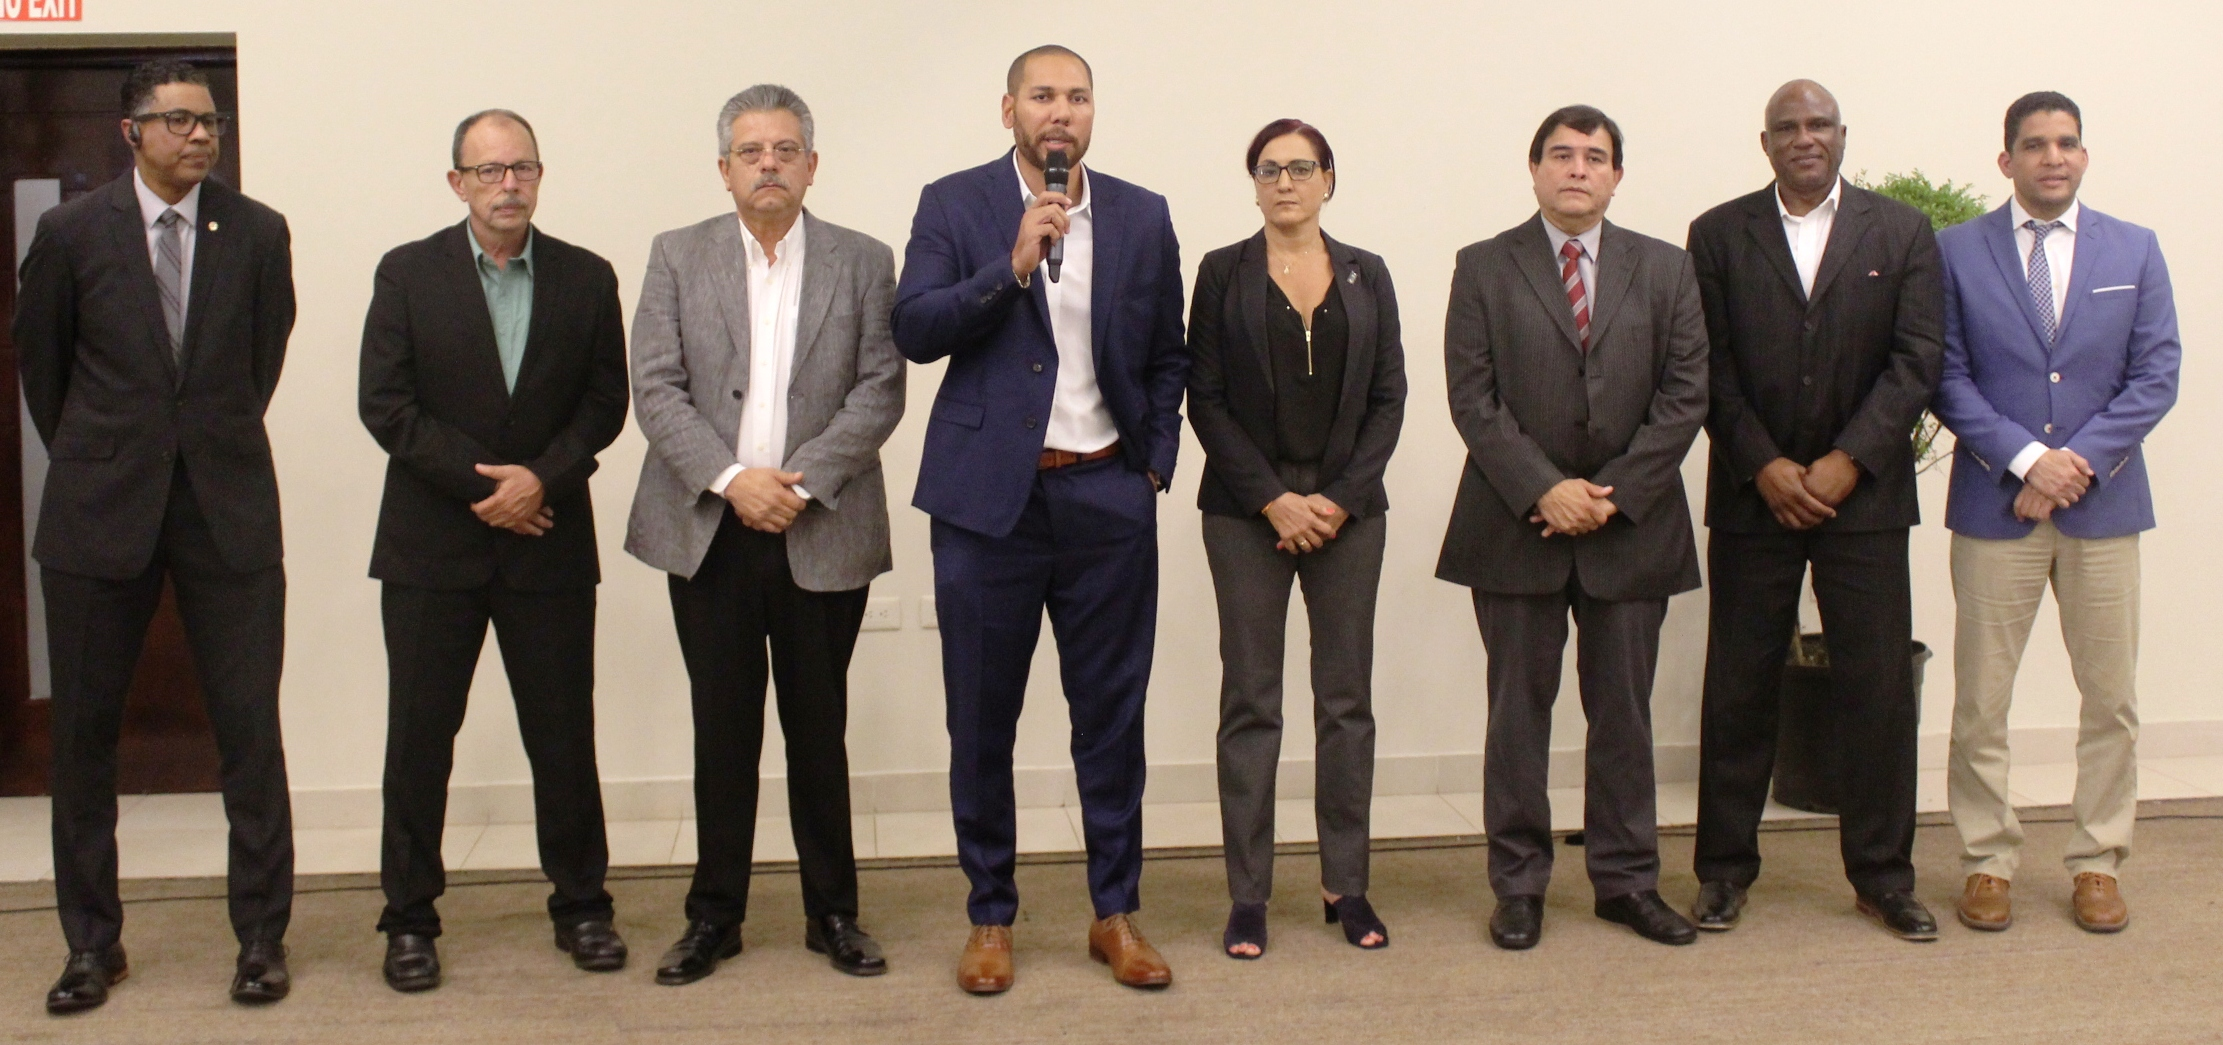 Eligen a Rafael Uribe al Buró de Fiba Américas